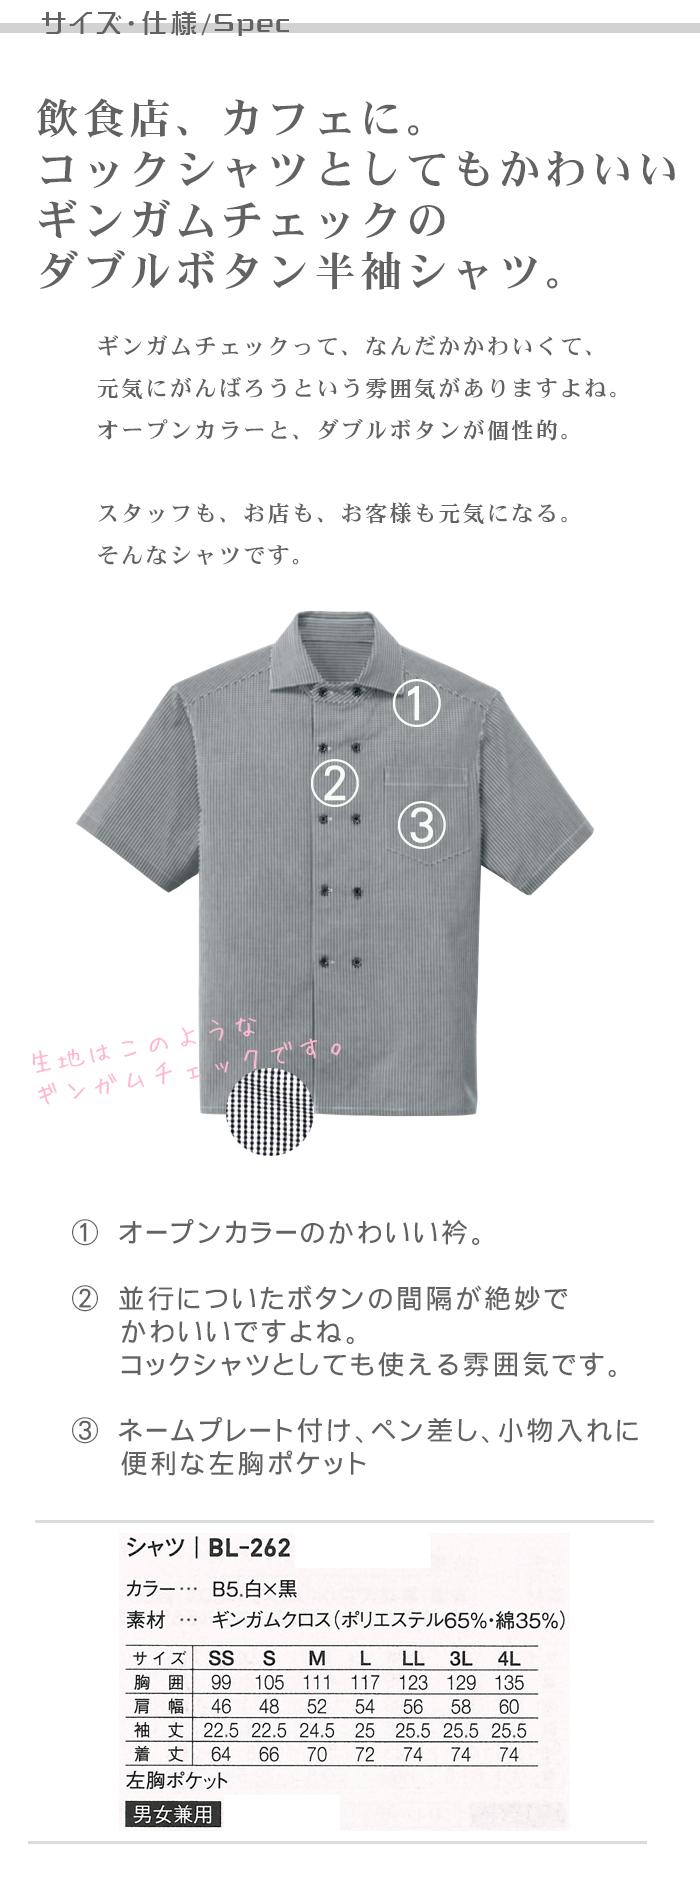 飲食店販売制服 ギンガムチェック半袖シャツ(白×黒) コックシャツ風ダブルボタン   商品サイズ、スペック説明